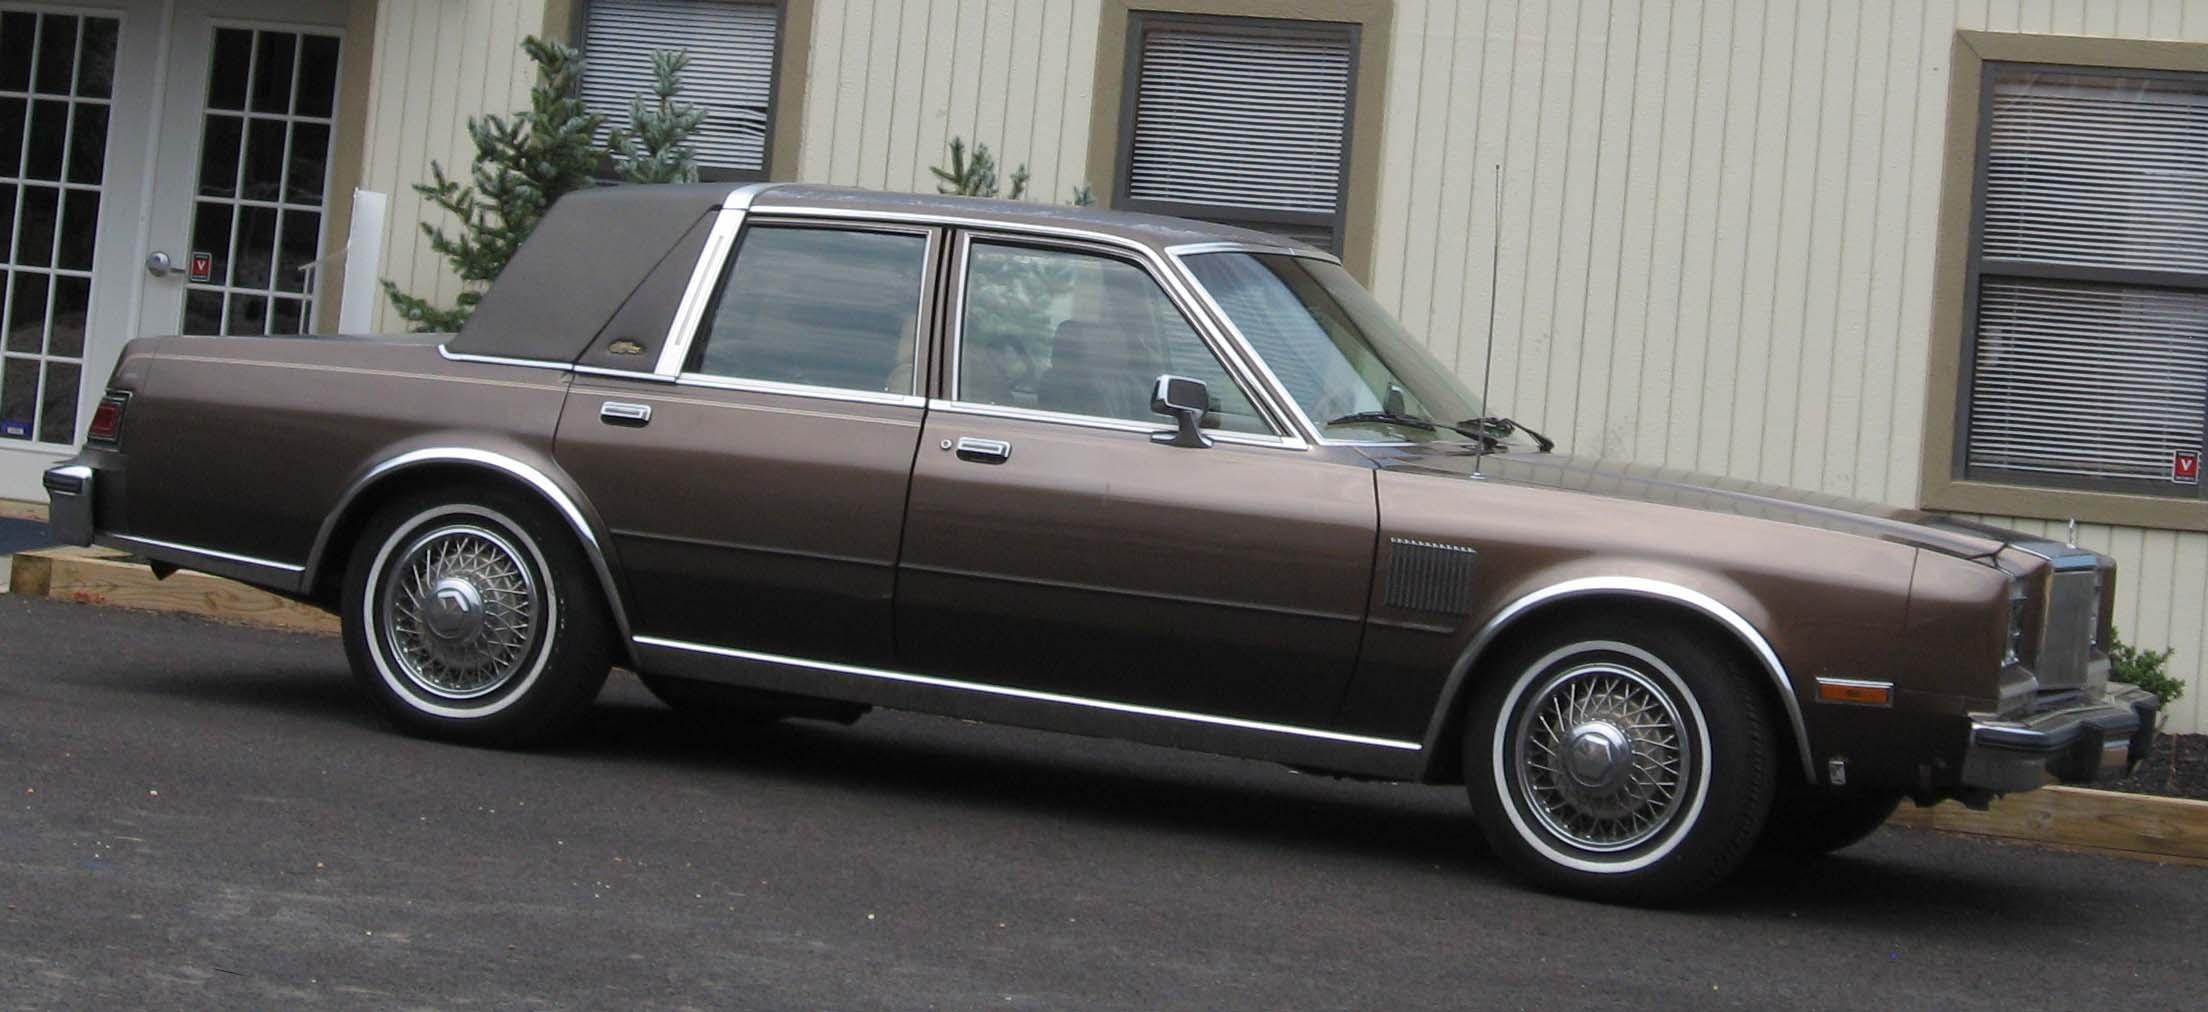 Chrysler Fifth Avenue I 1982 - 1989 Sedan #7